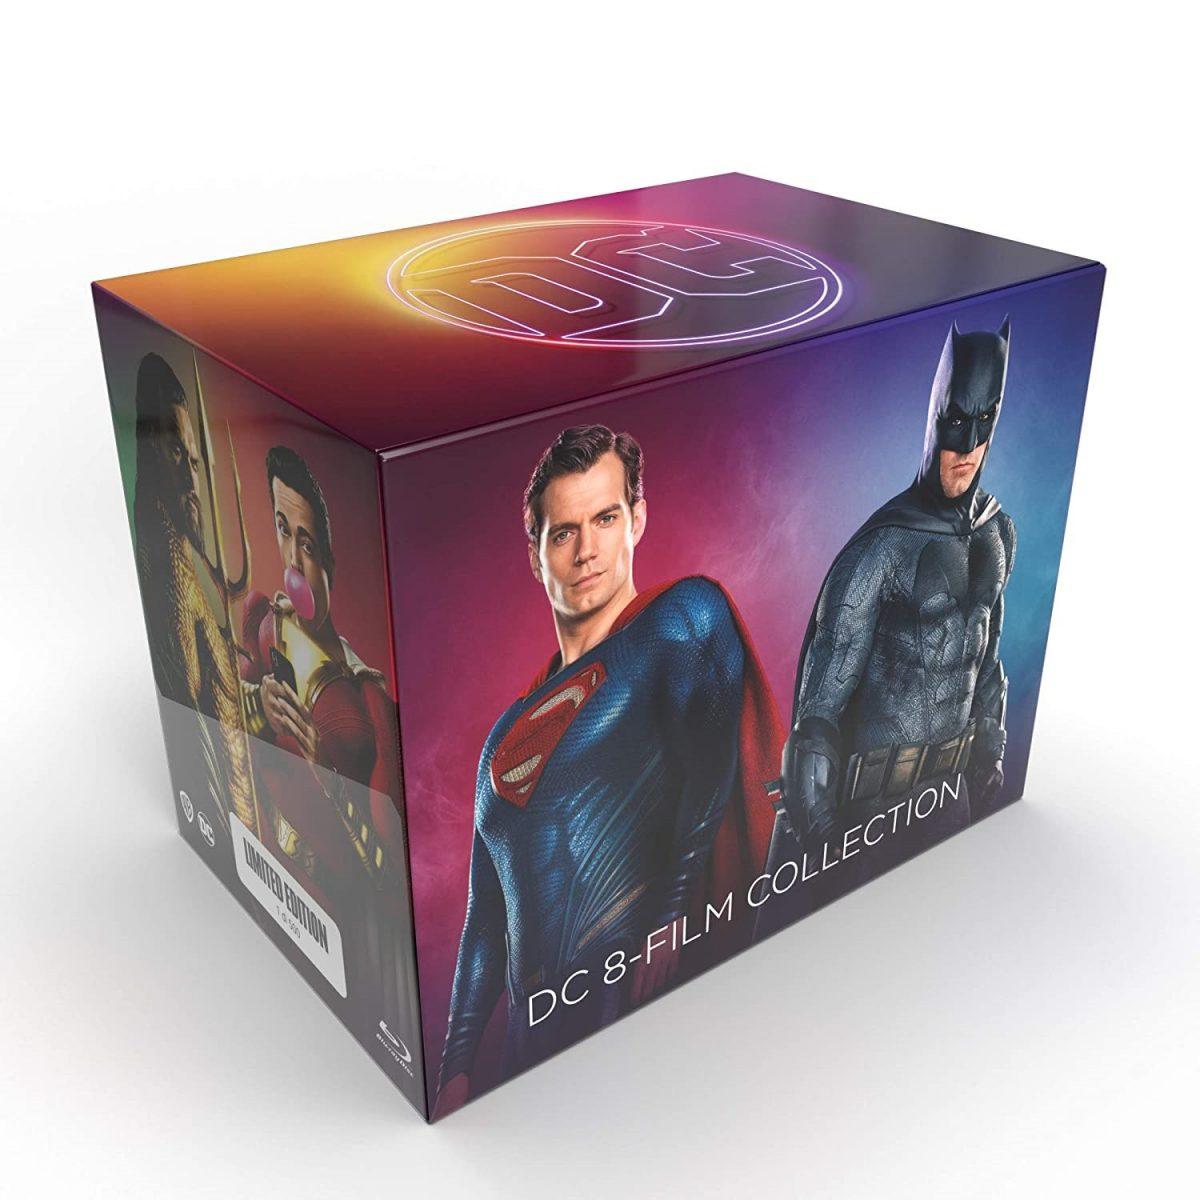 DC FILM 8 COLLECTION BOXSET - Dal 13 ottobre il cofanetto in edizione limitata numerata